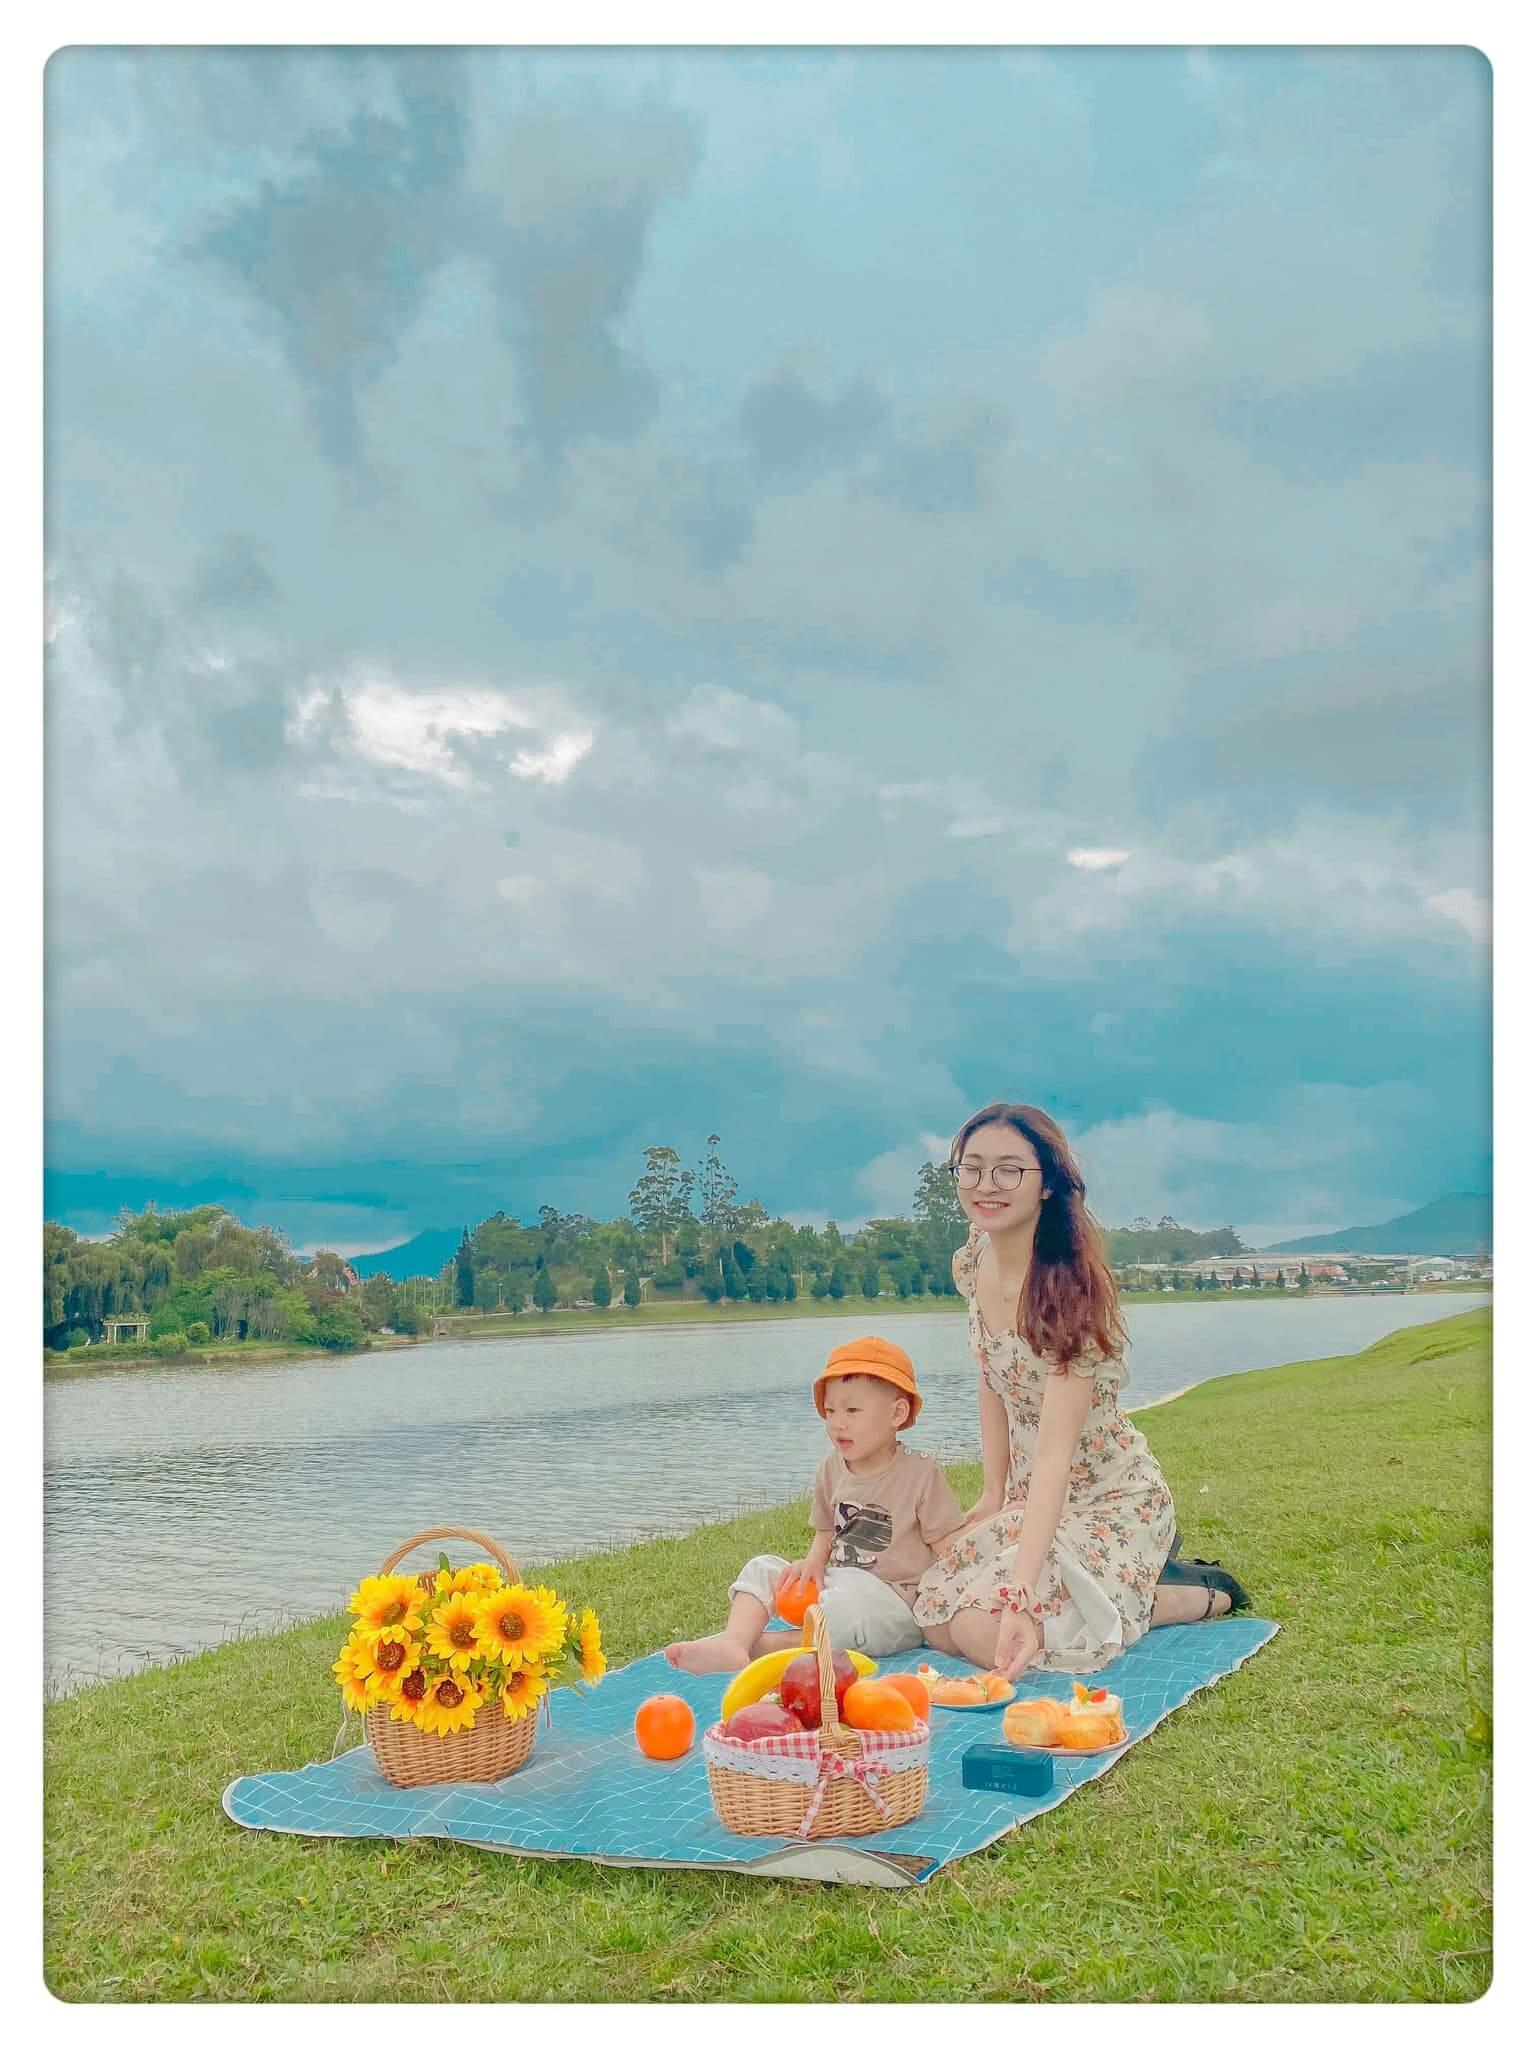 Hồ Xuân Hương Đà Lạt có gì?